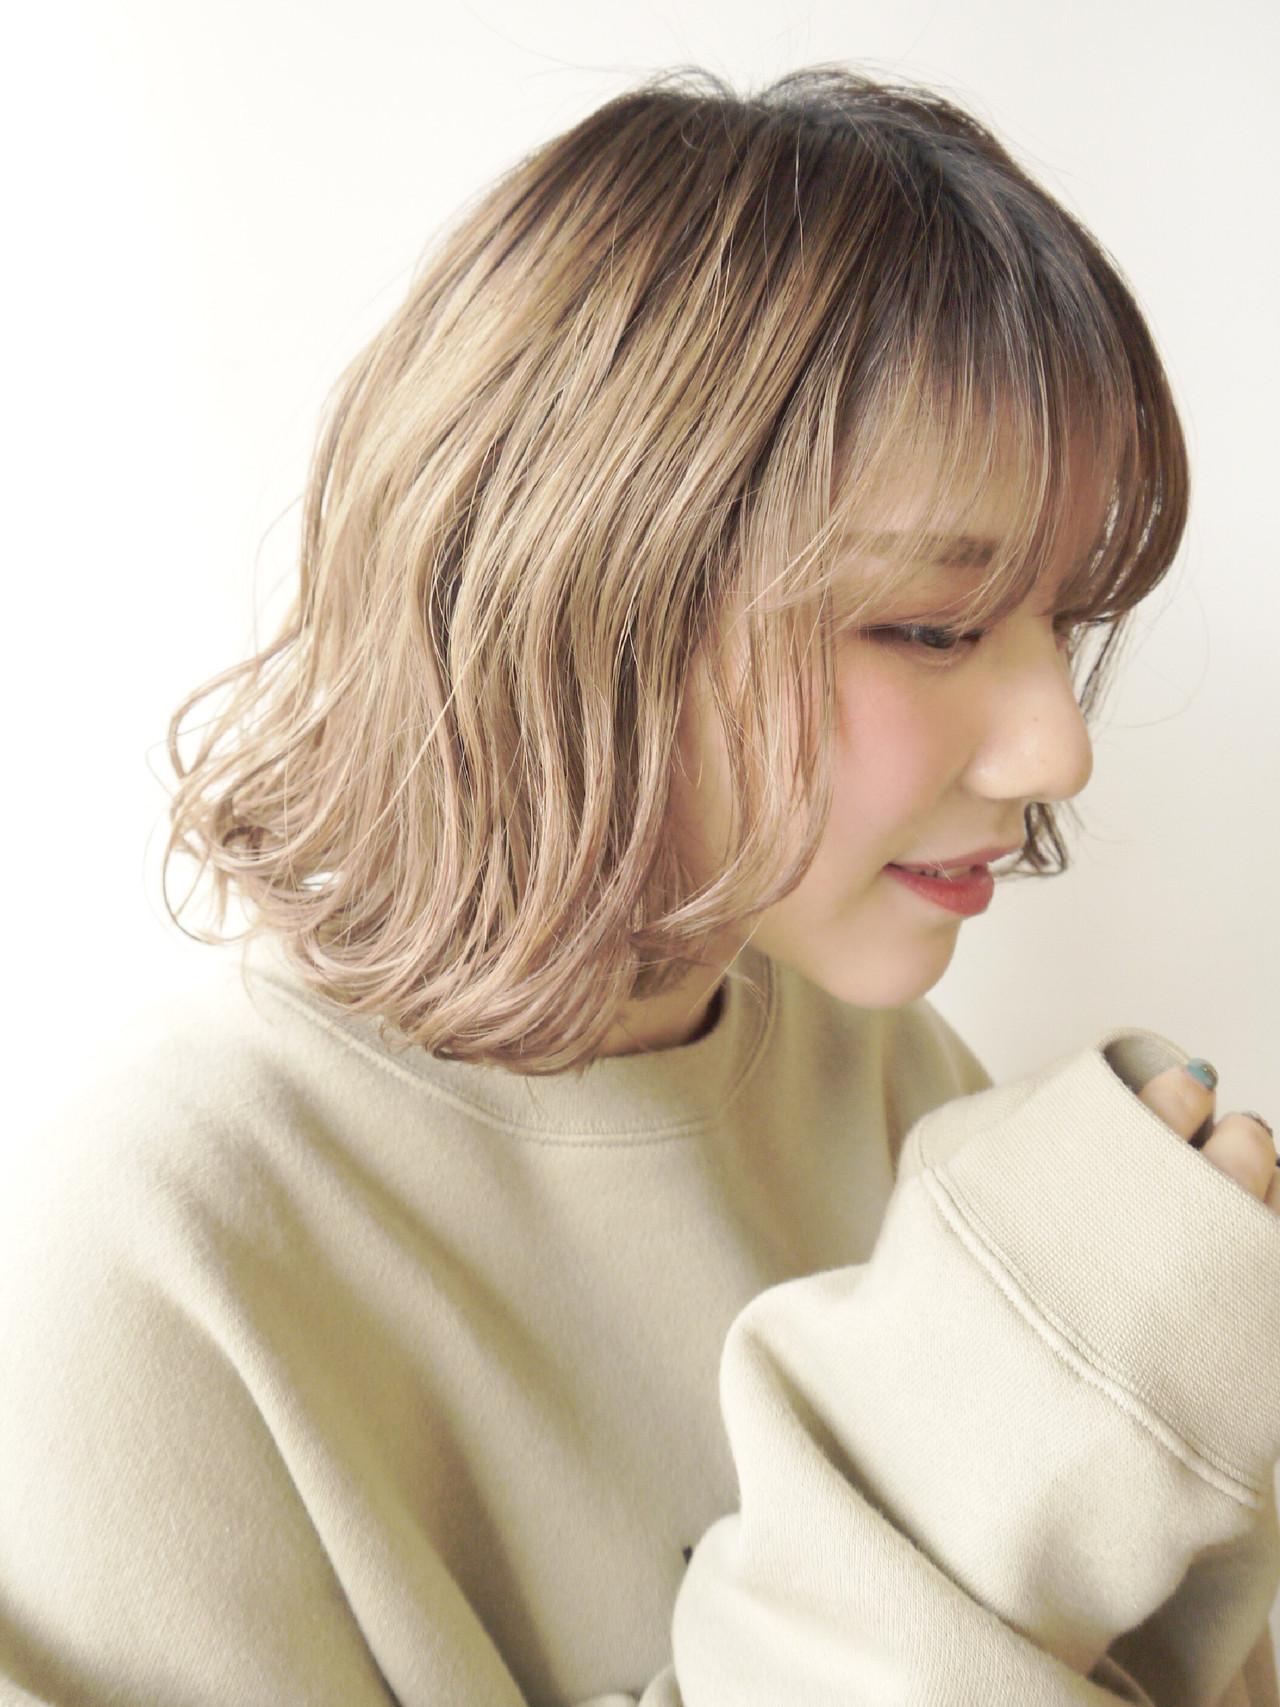 毛先にかけてのみカールをつけたふんわりヘアも Hiroki Sakuma【morio原宿】